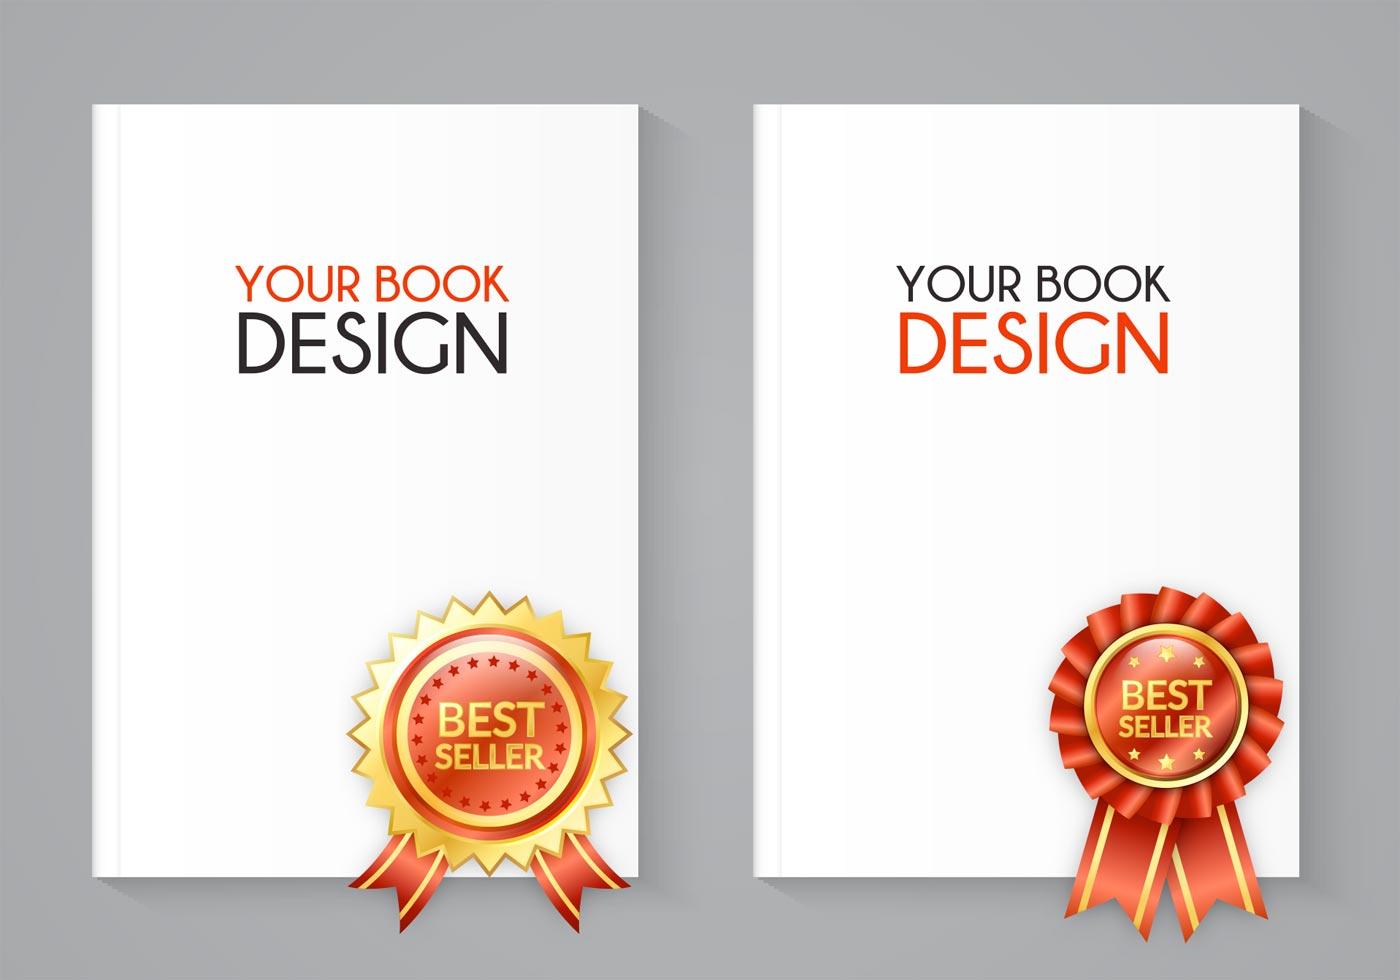 Free Best Seller Book Vector Set - Download Free Vectors ...